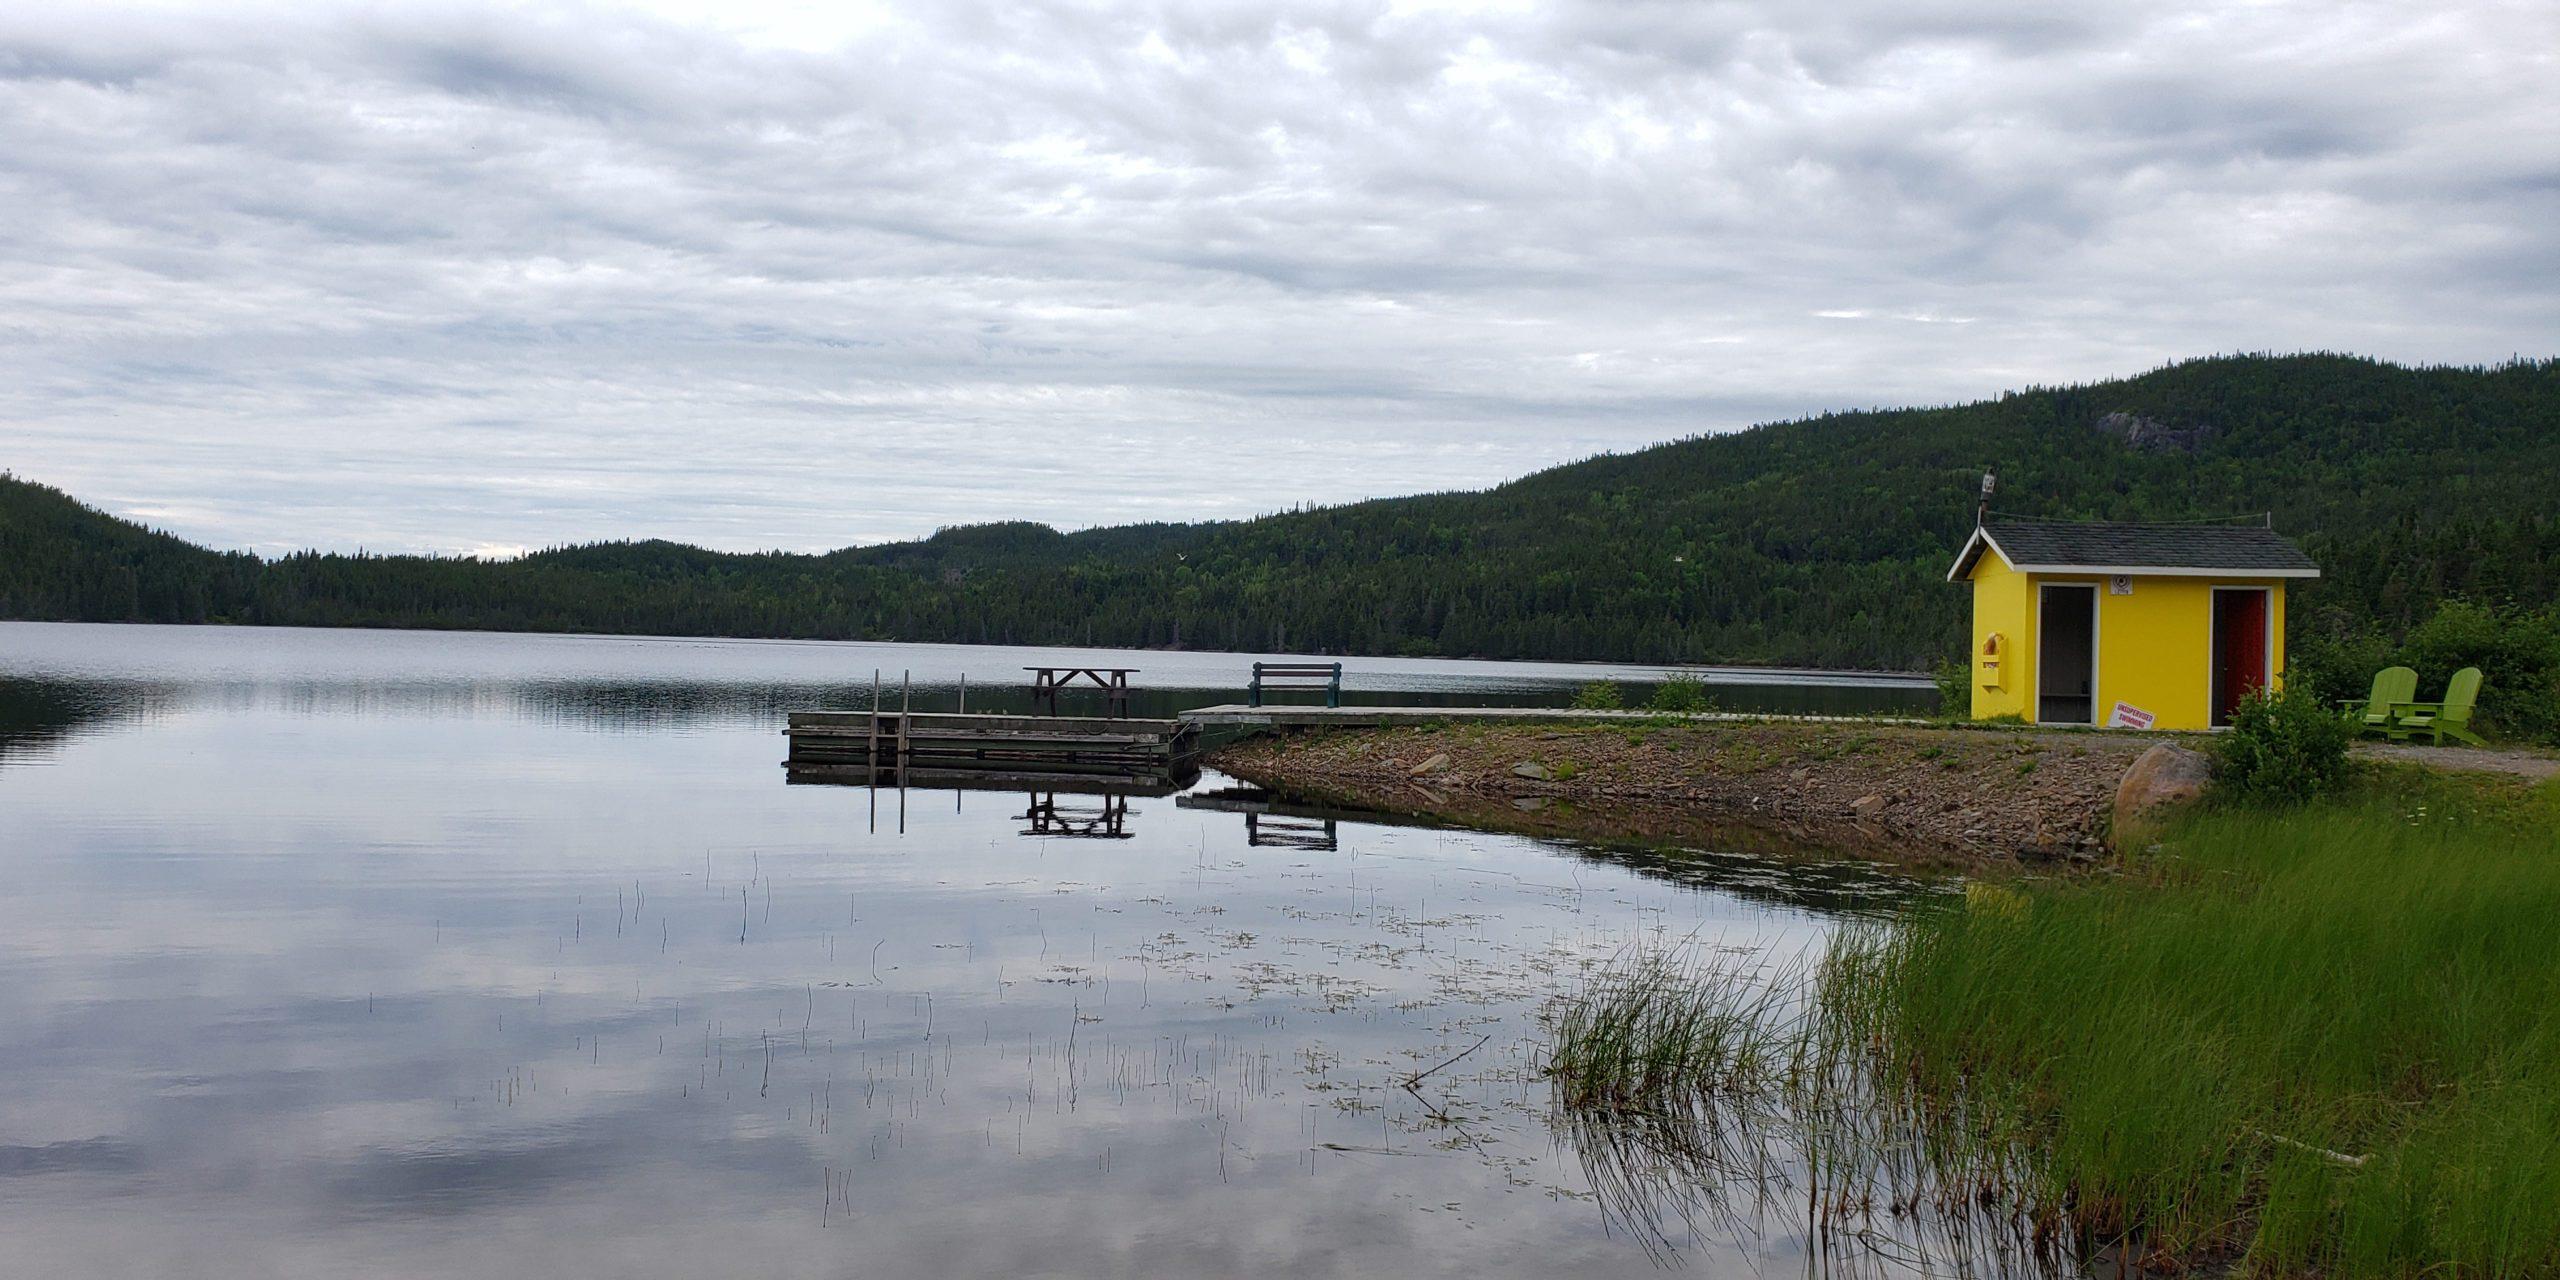 My Happy Place - Newfoundland Pond